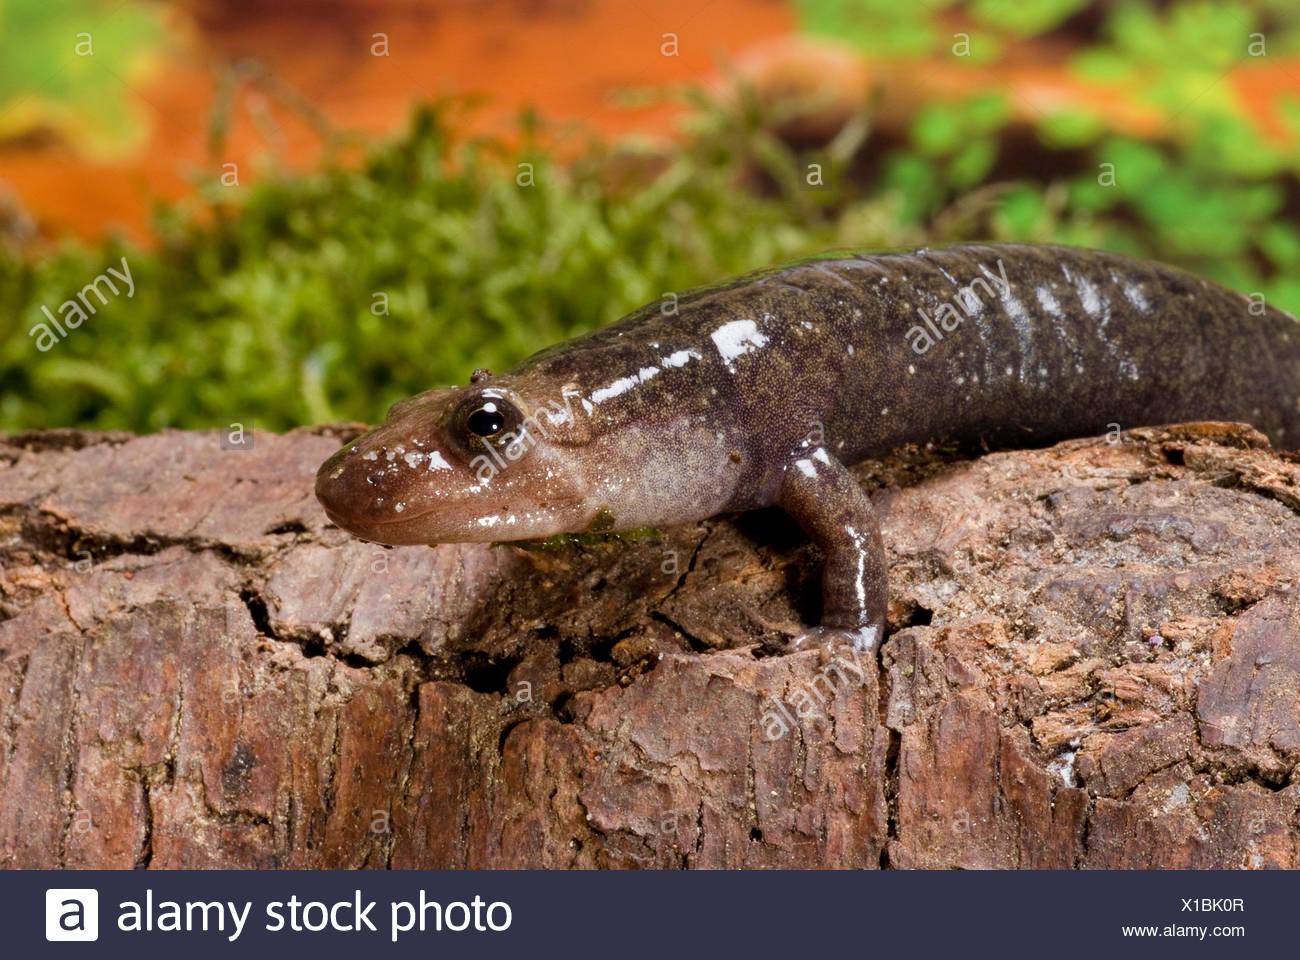 Desmognathus Fuscus